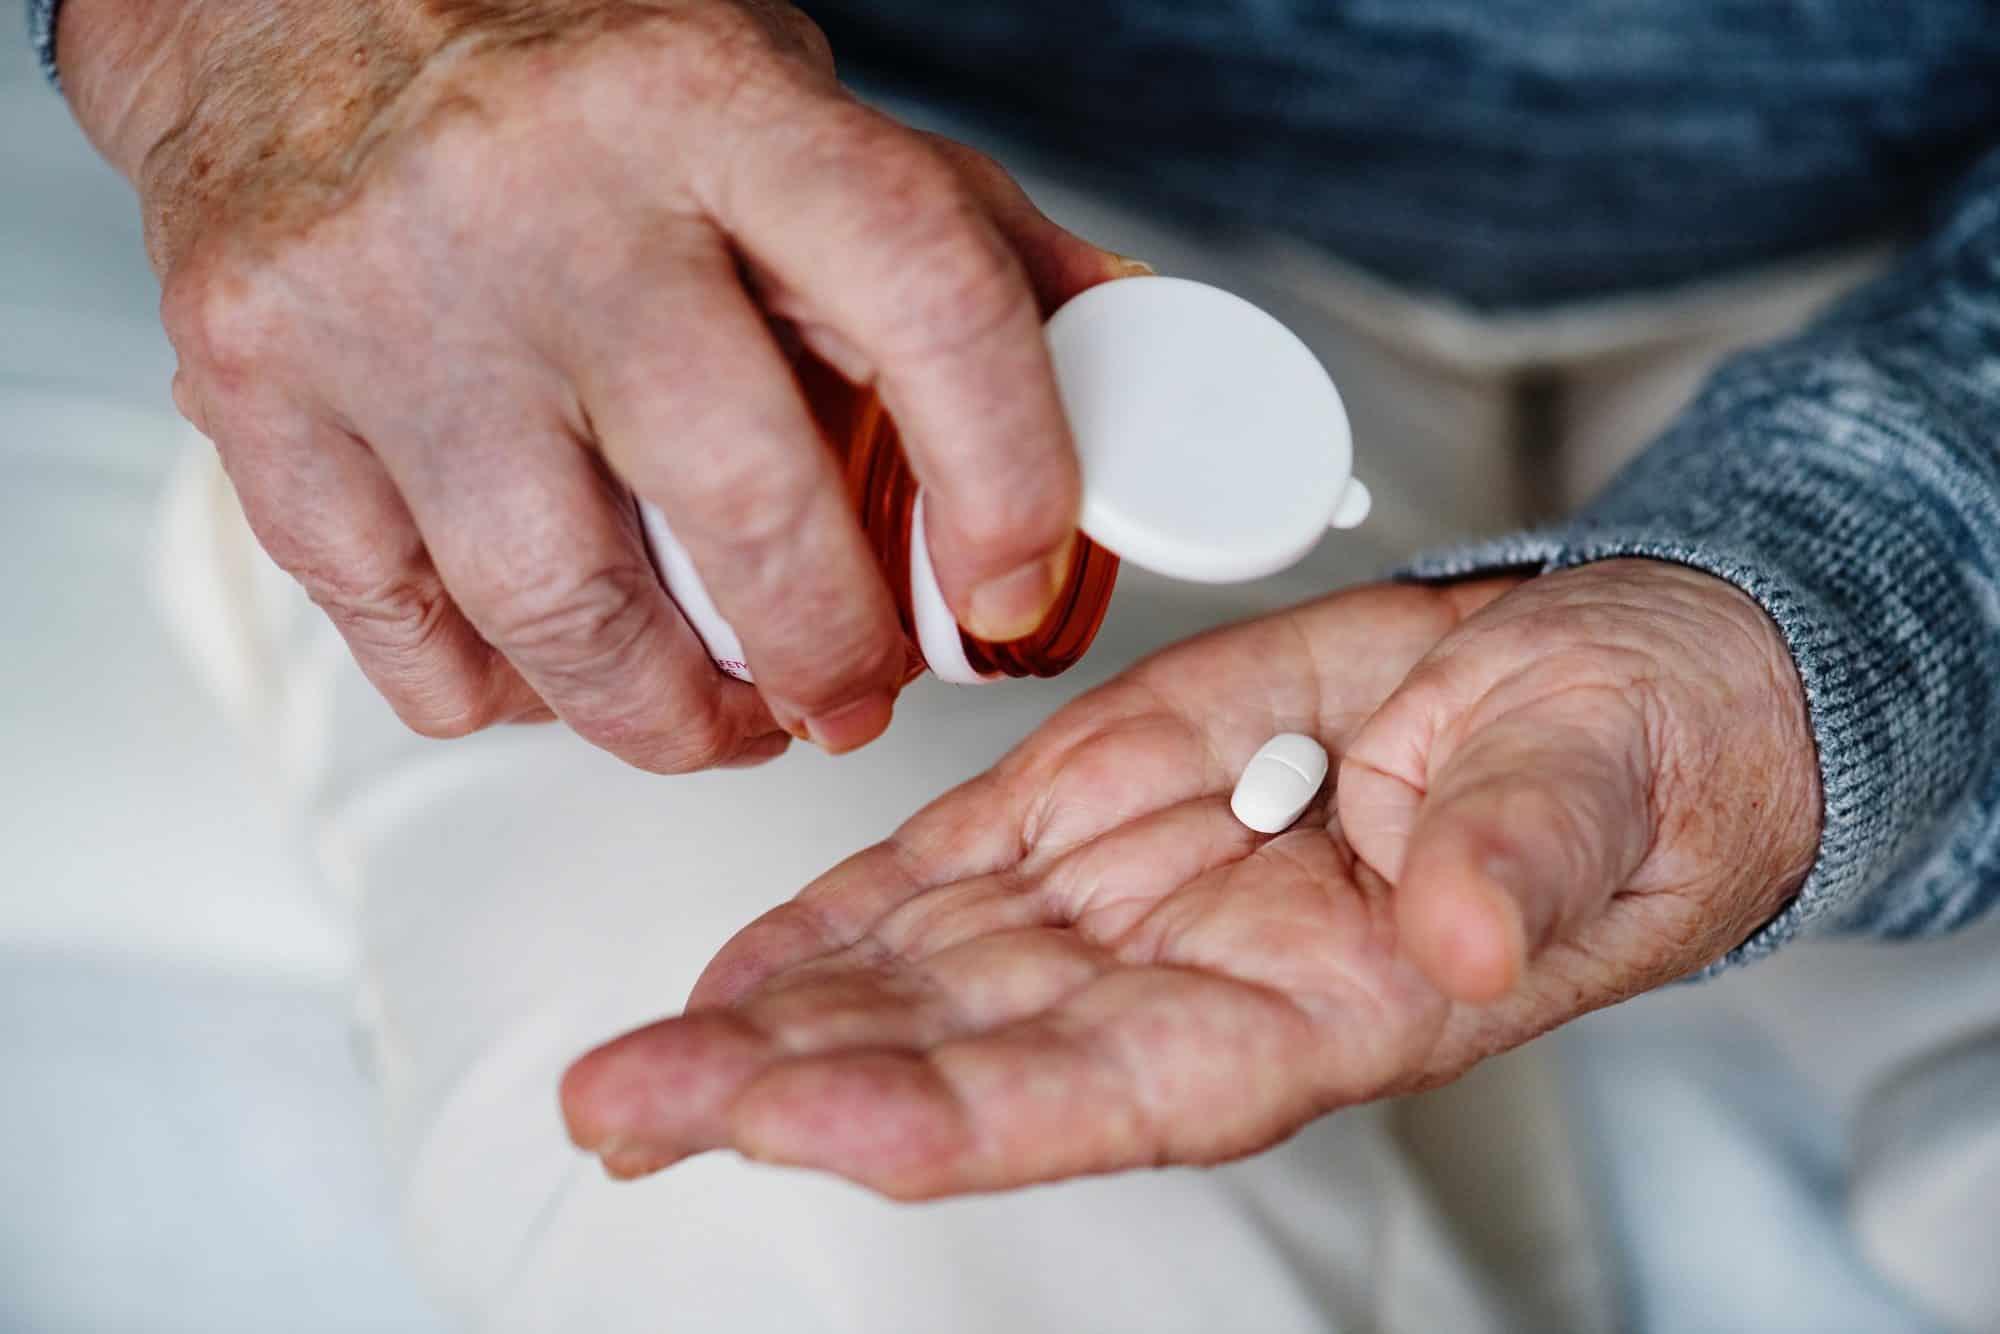 vicodin pain killer opiate